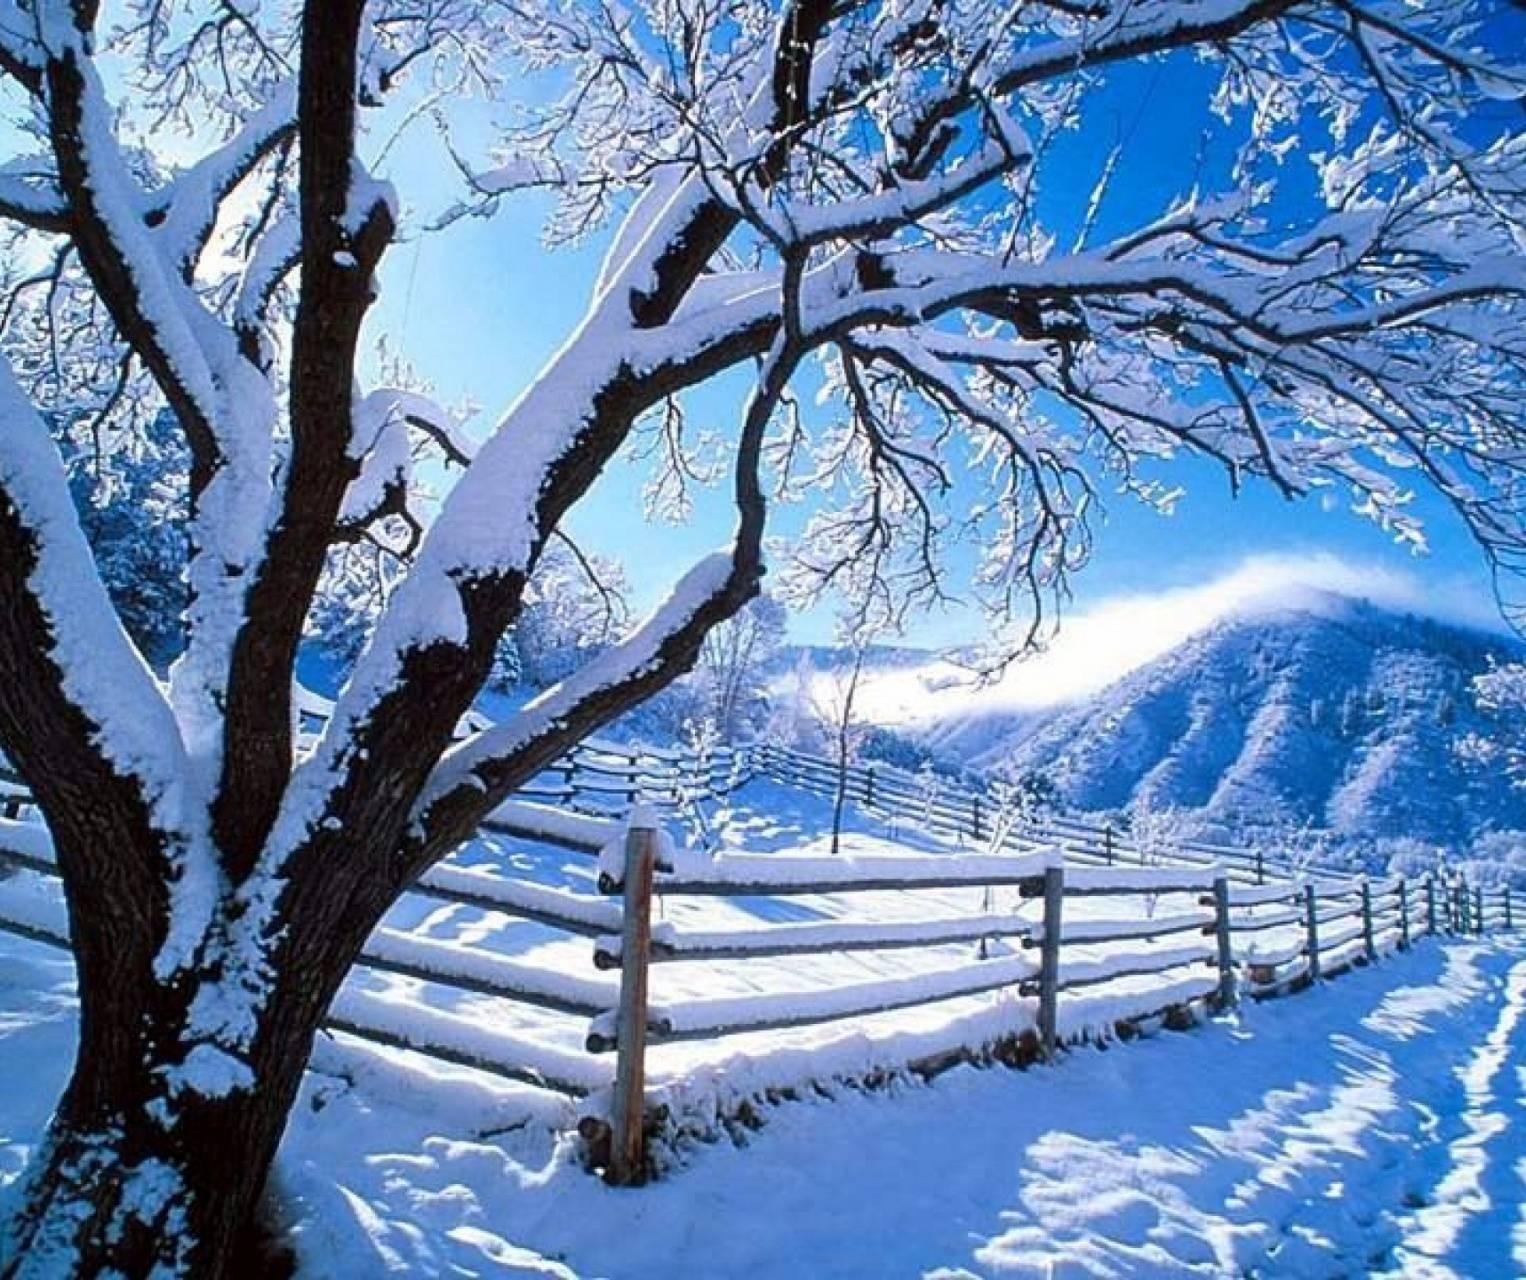 عکس زمینه روز زمستانی برفی پس زمینه